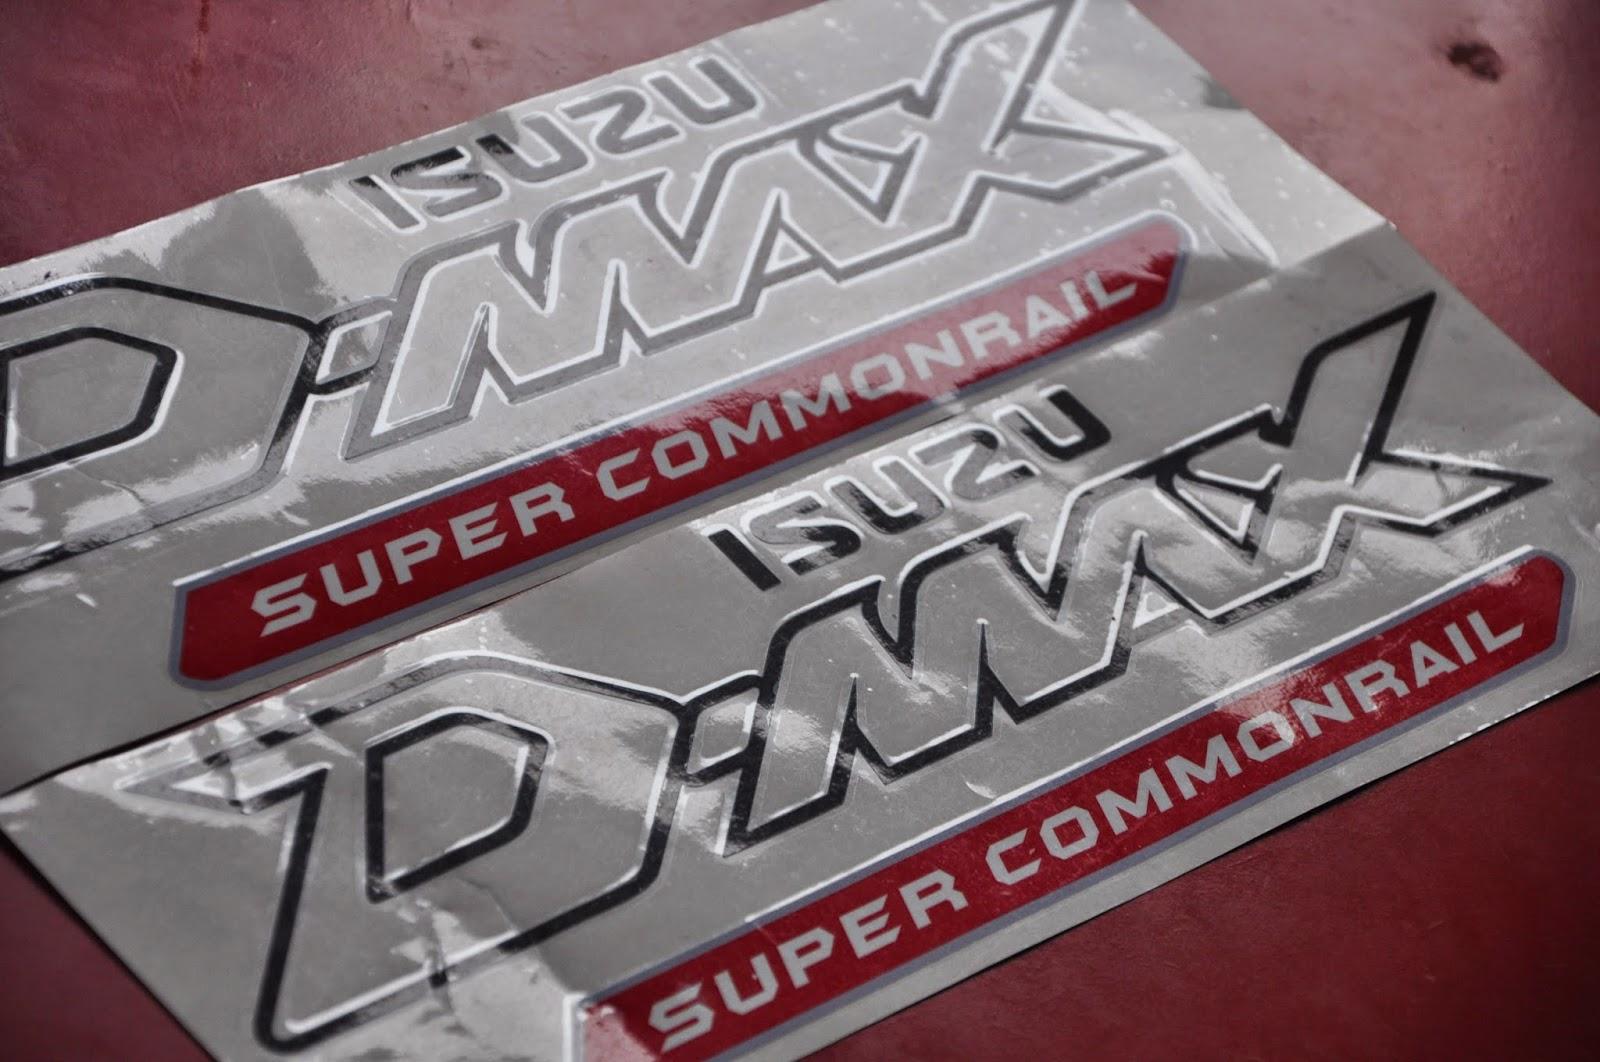 Dmax Isuzu Super Commonraill sticker OEM - AutoDecalsHouse ...